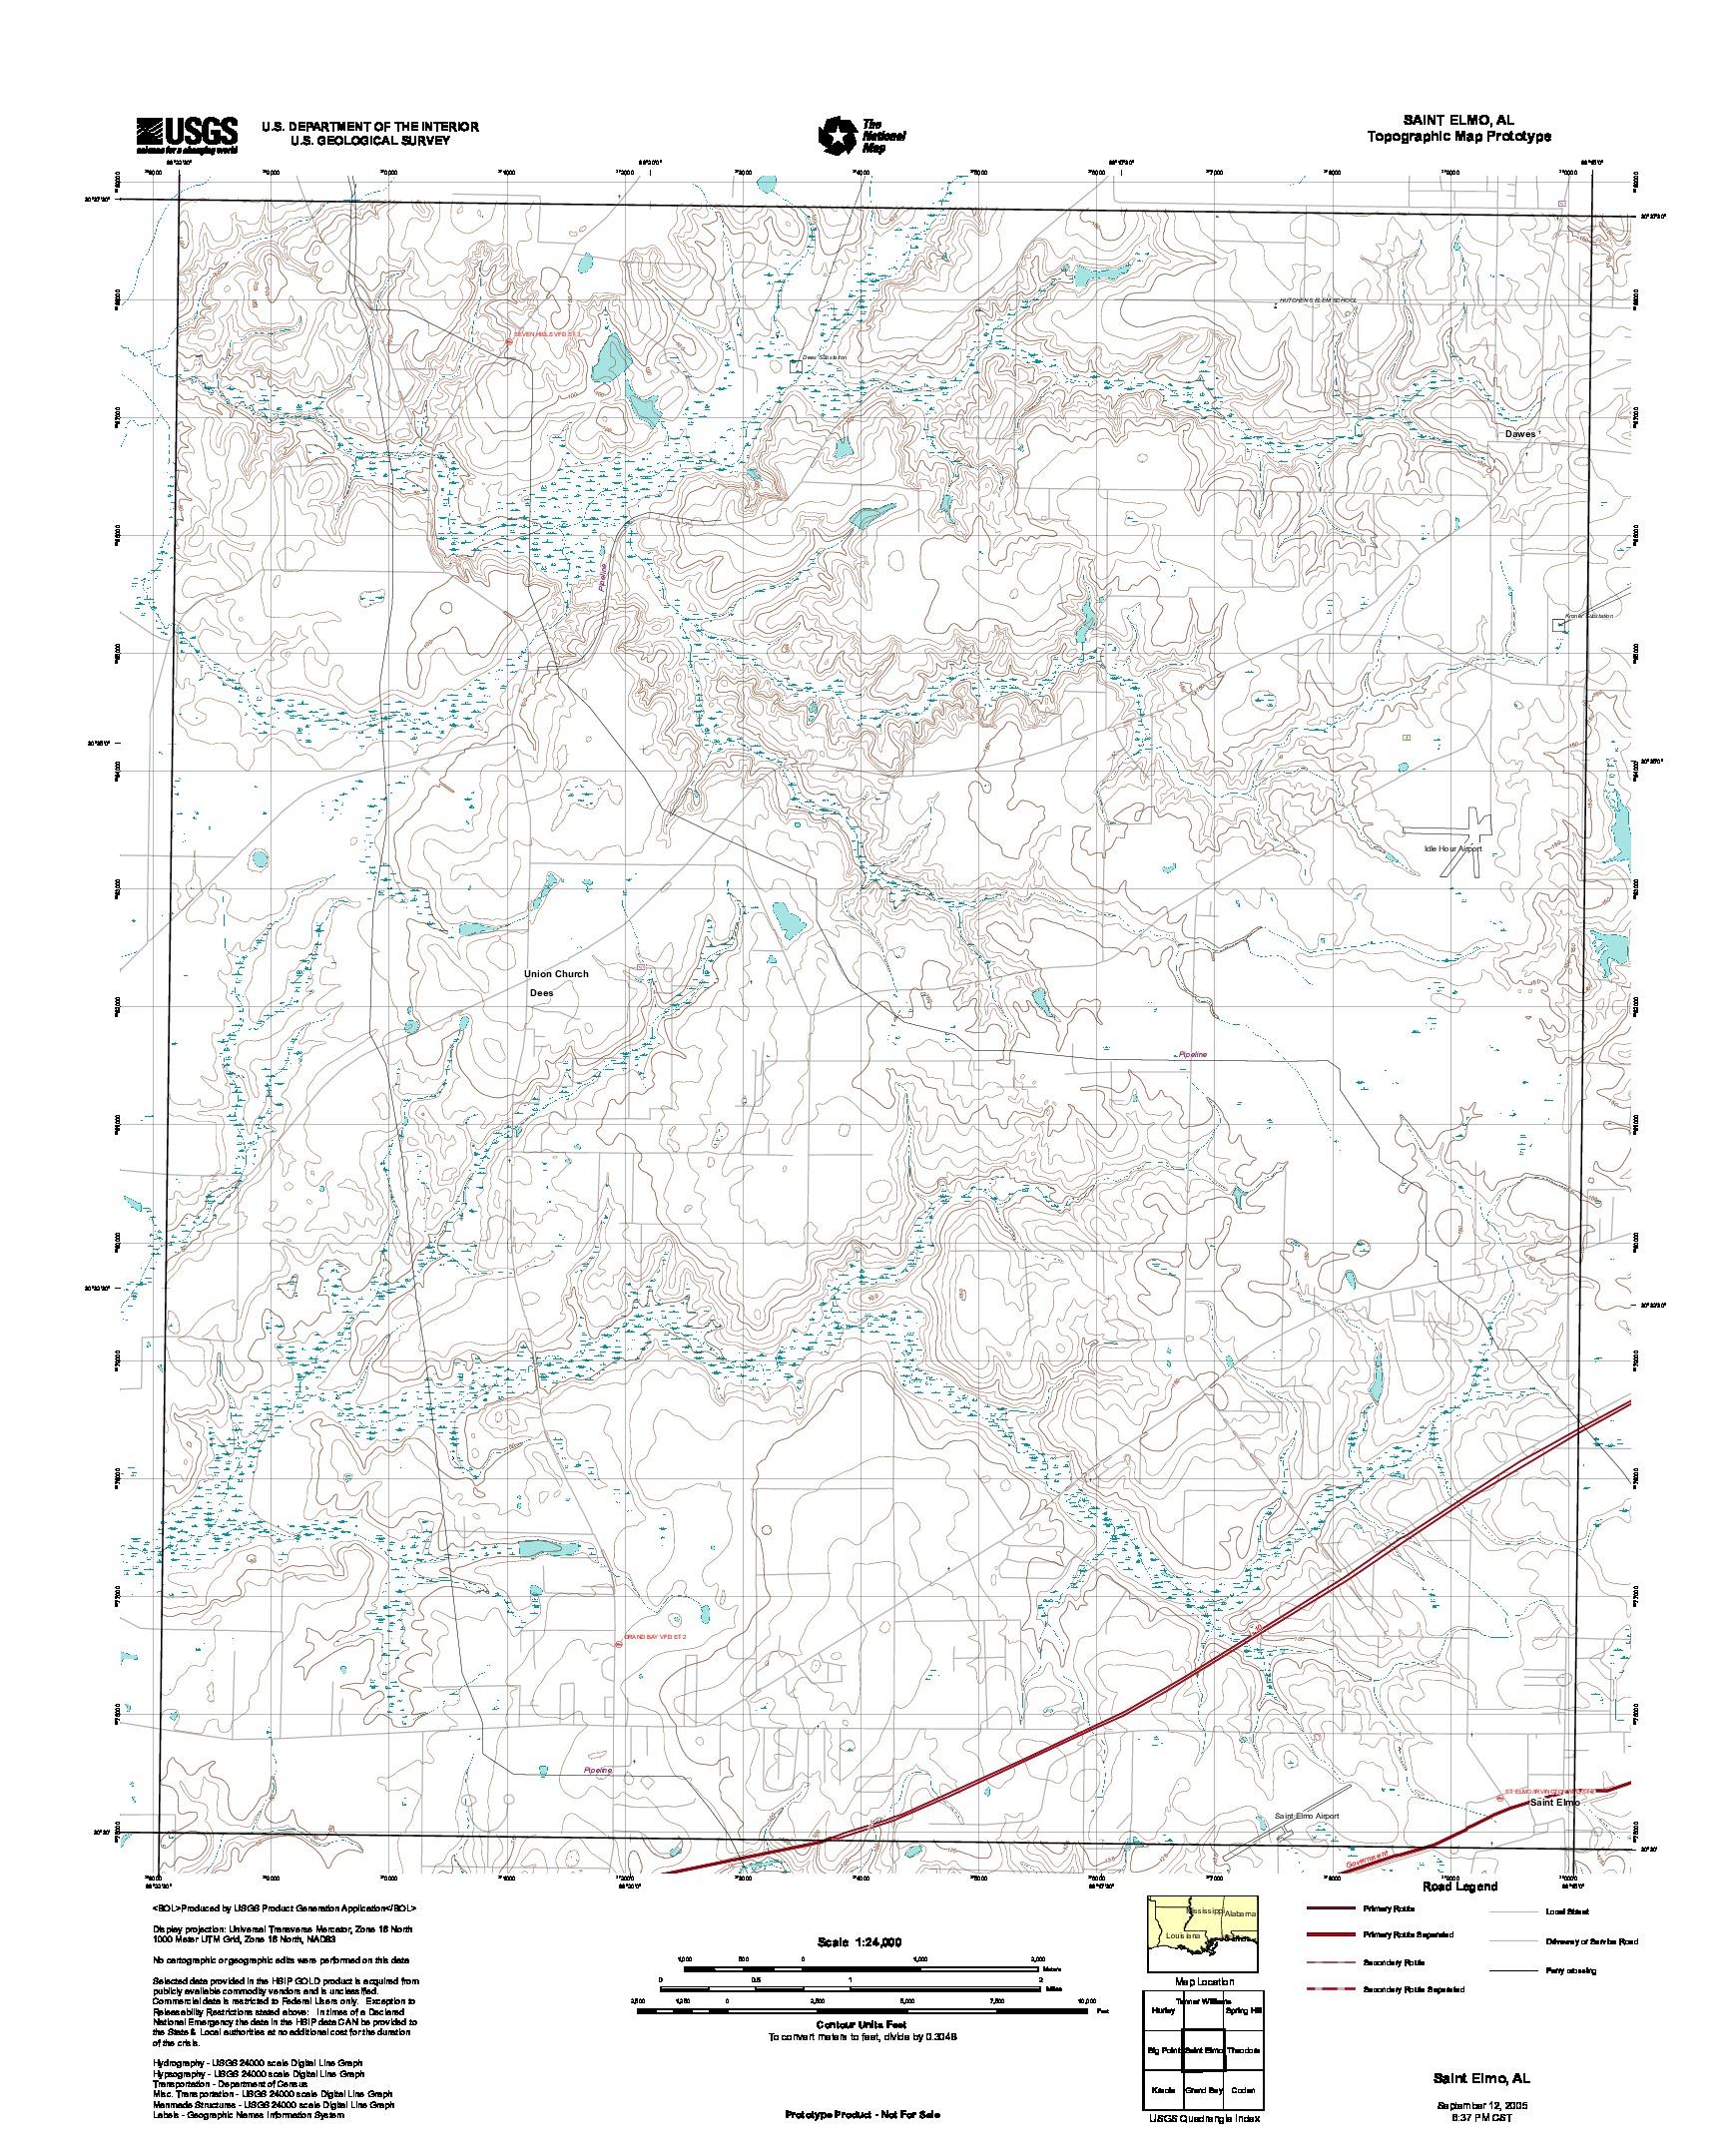 Prototipo de Mapa Topográfico de Saint Elmo, Alabama, Estados Unidos, Septiembre 12, 2005